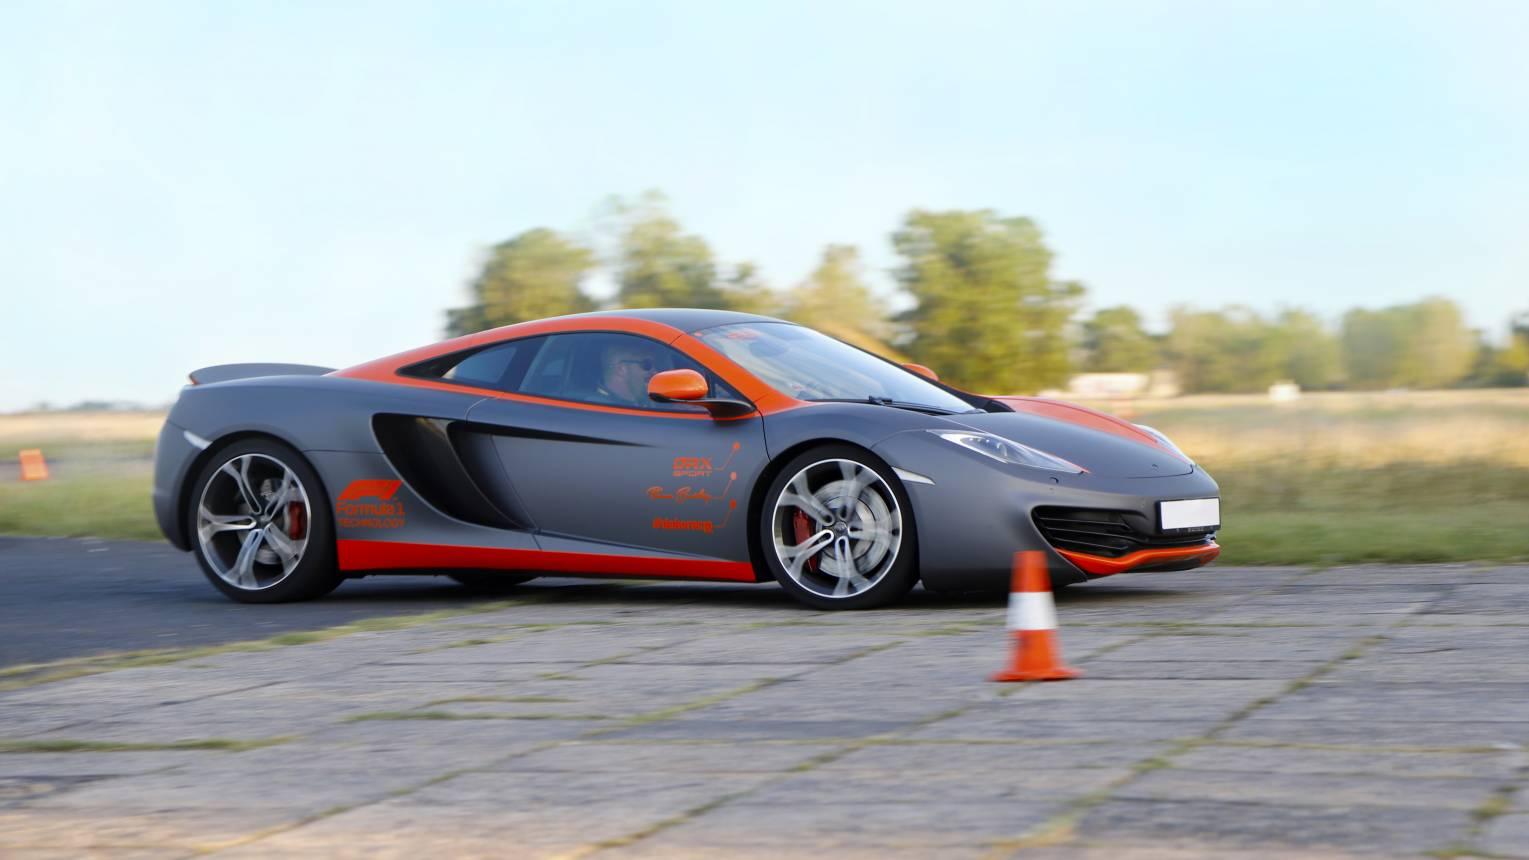 McLaren MP4-12C F1 vezetés a DRX-ringen